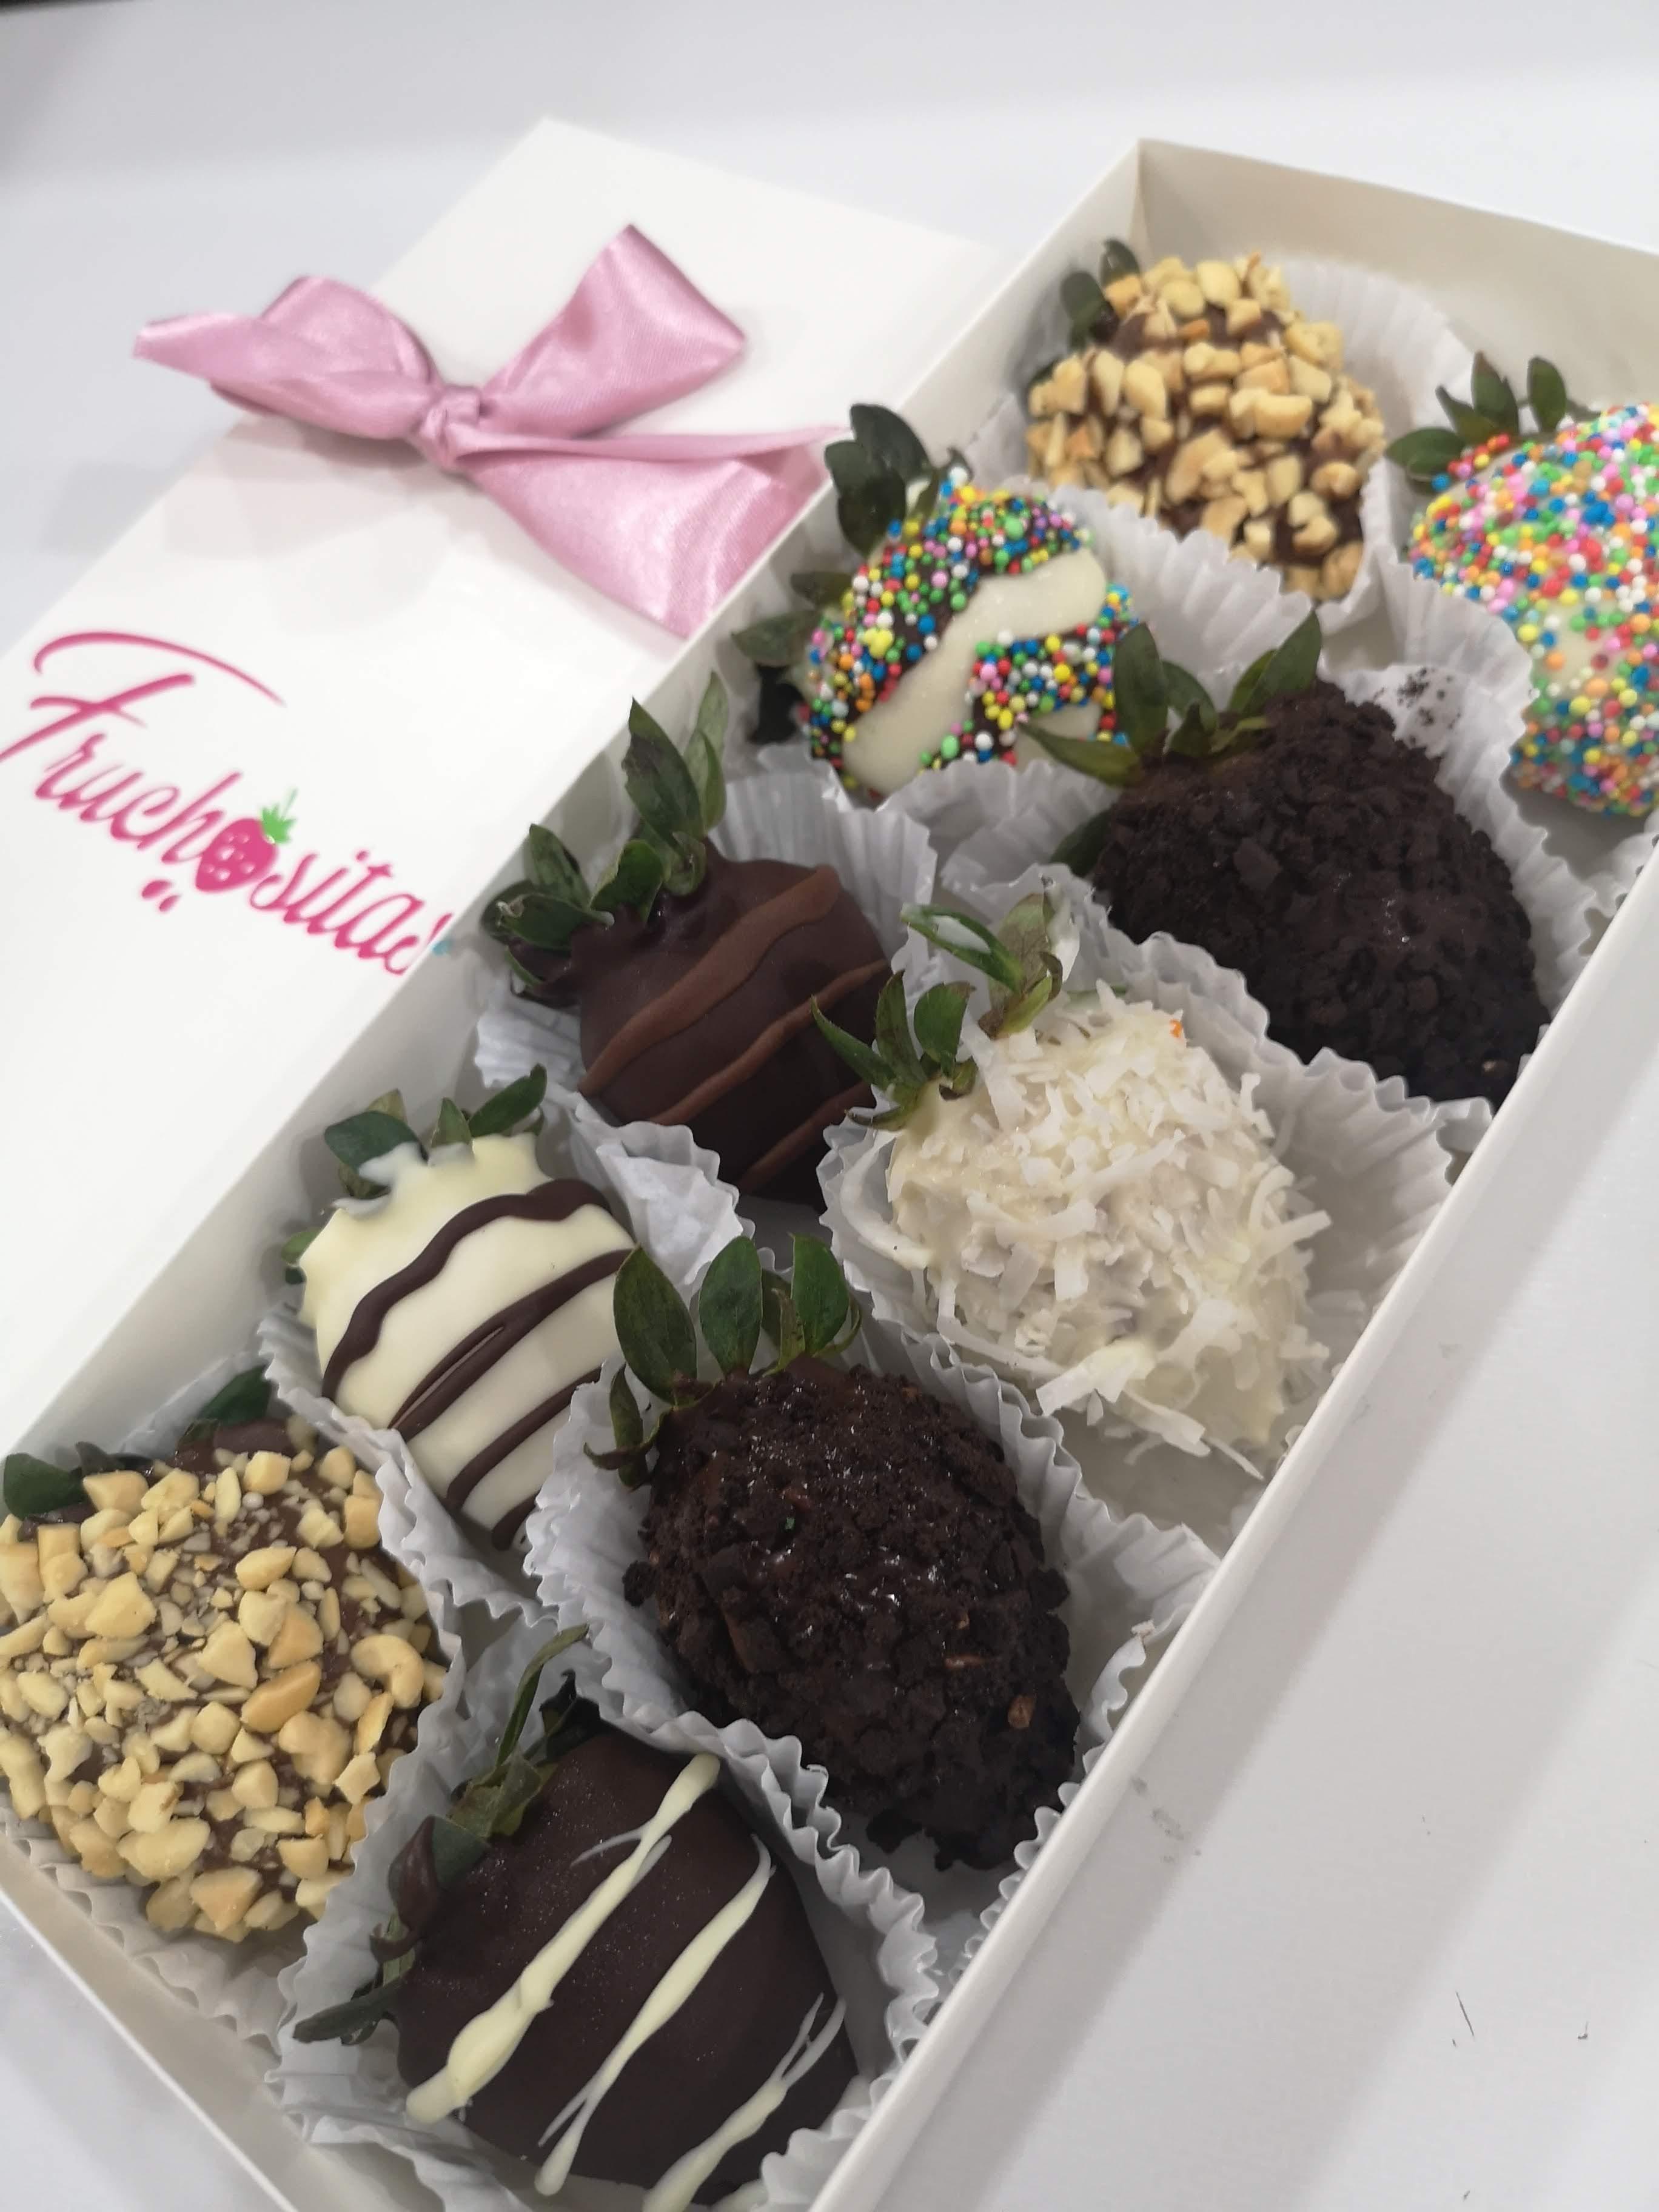 fresas con chocolate en Montería, Fruchositas Montería, La Guía de Montería